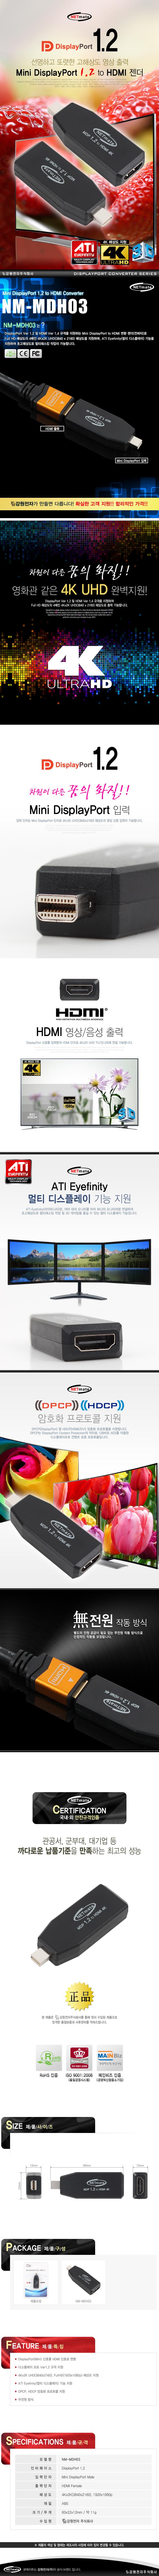 강원전자 NETmate Mini DisplayPort 1.2 to HDMI 젠더 (NM-MDH03)